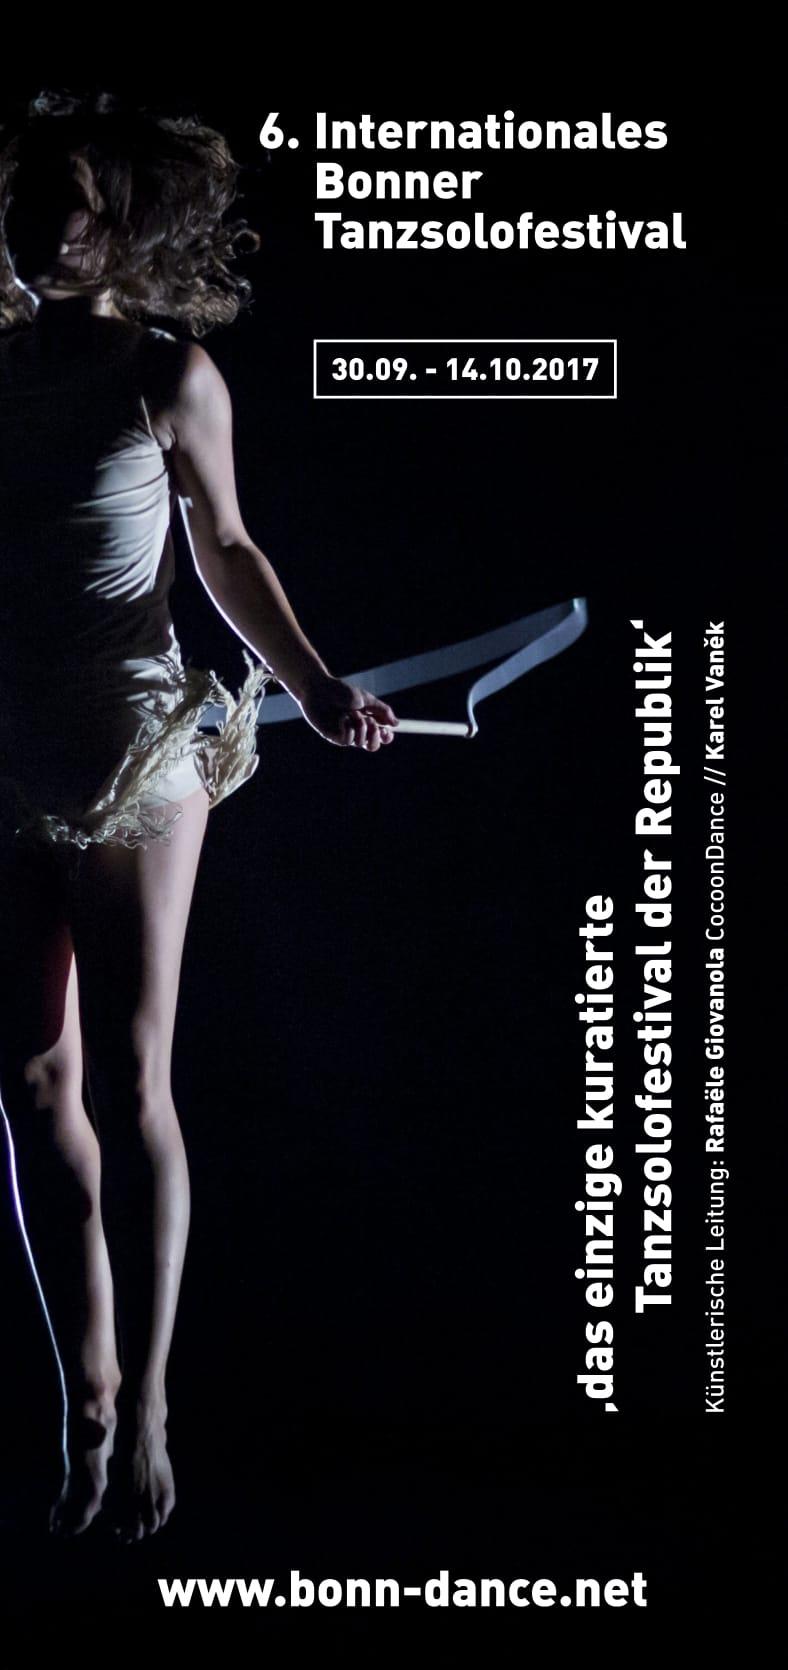 Werbebanner Bonner Tanzsolofestival